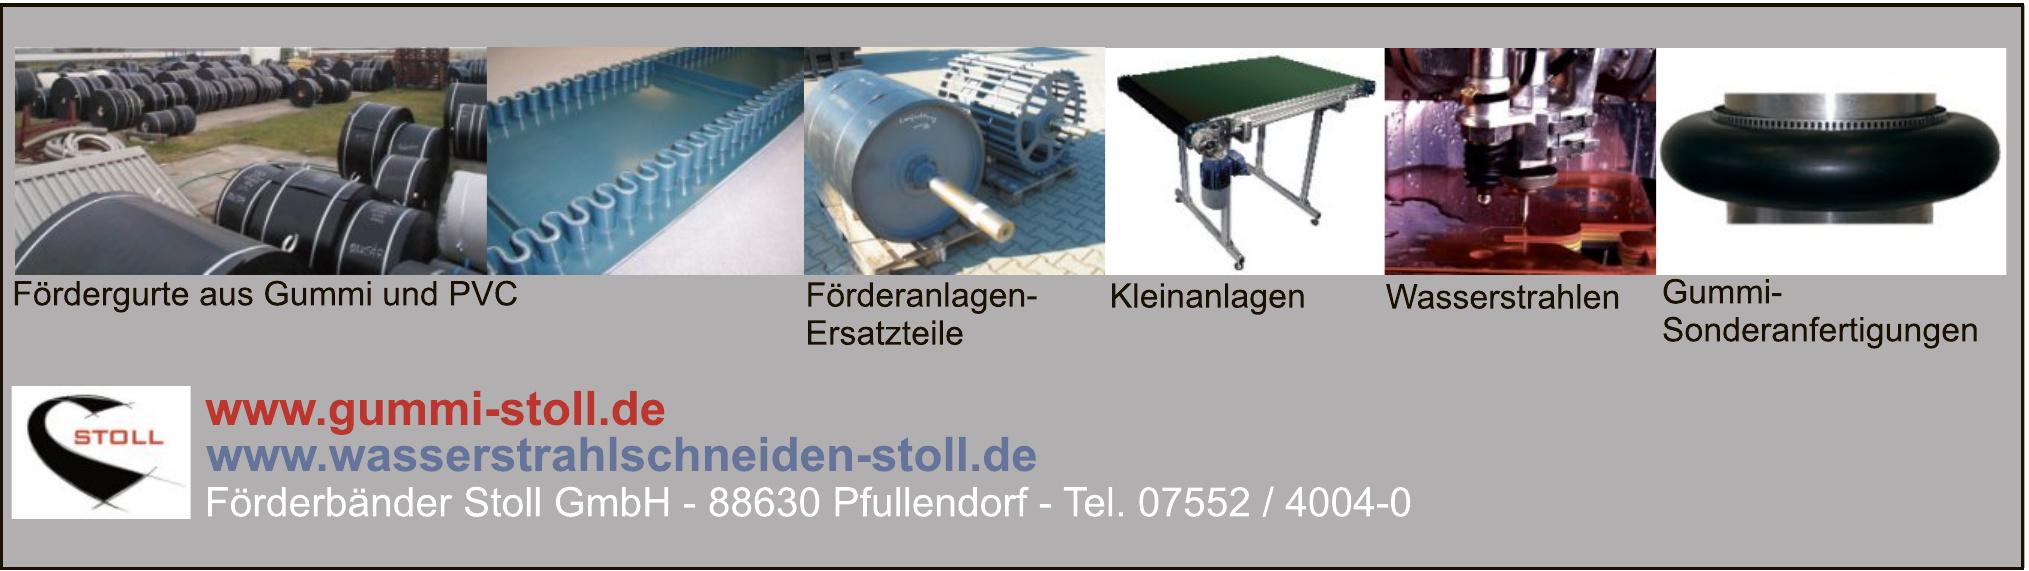 Förderbänder Stoll GmbH